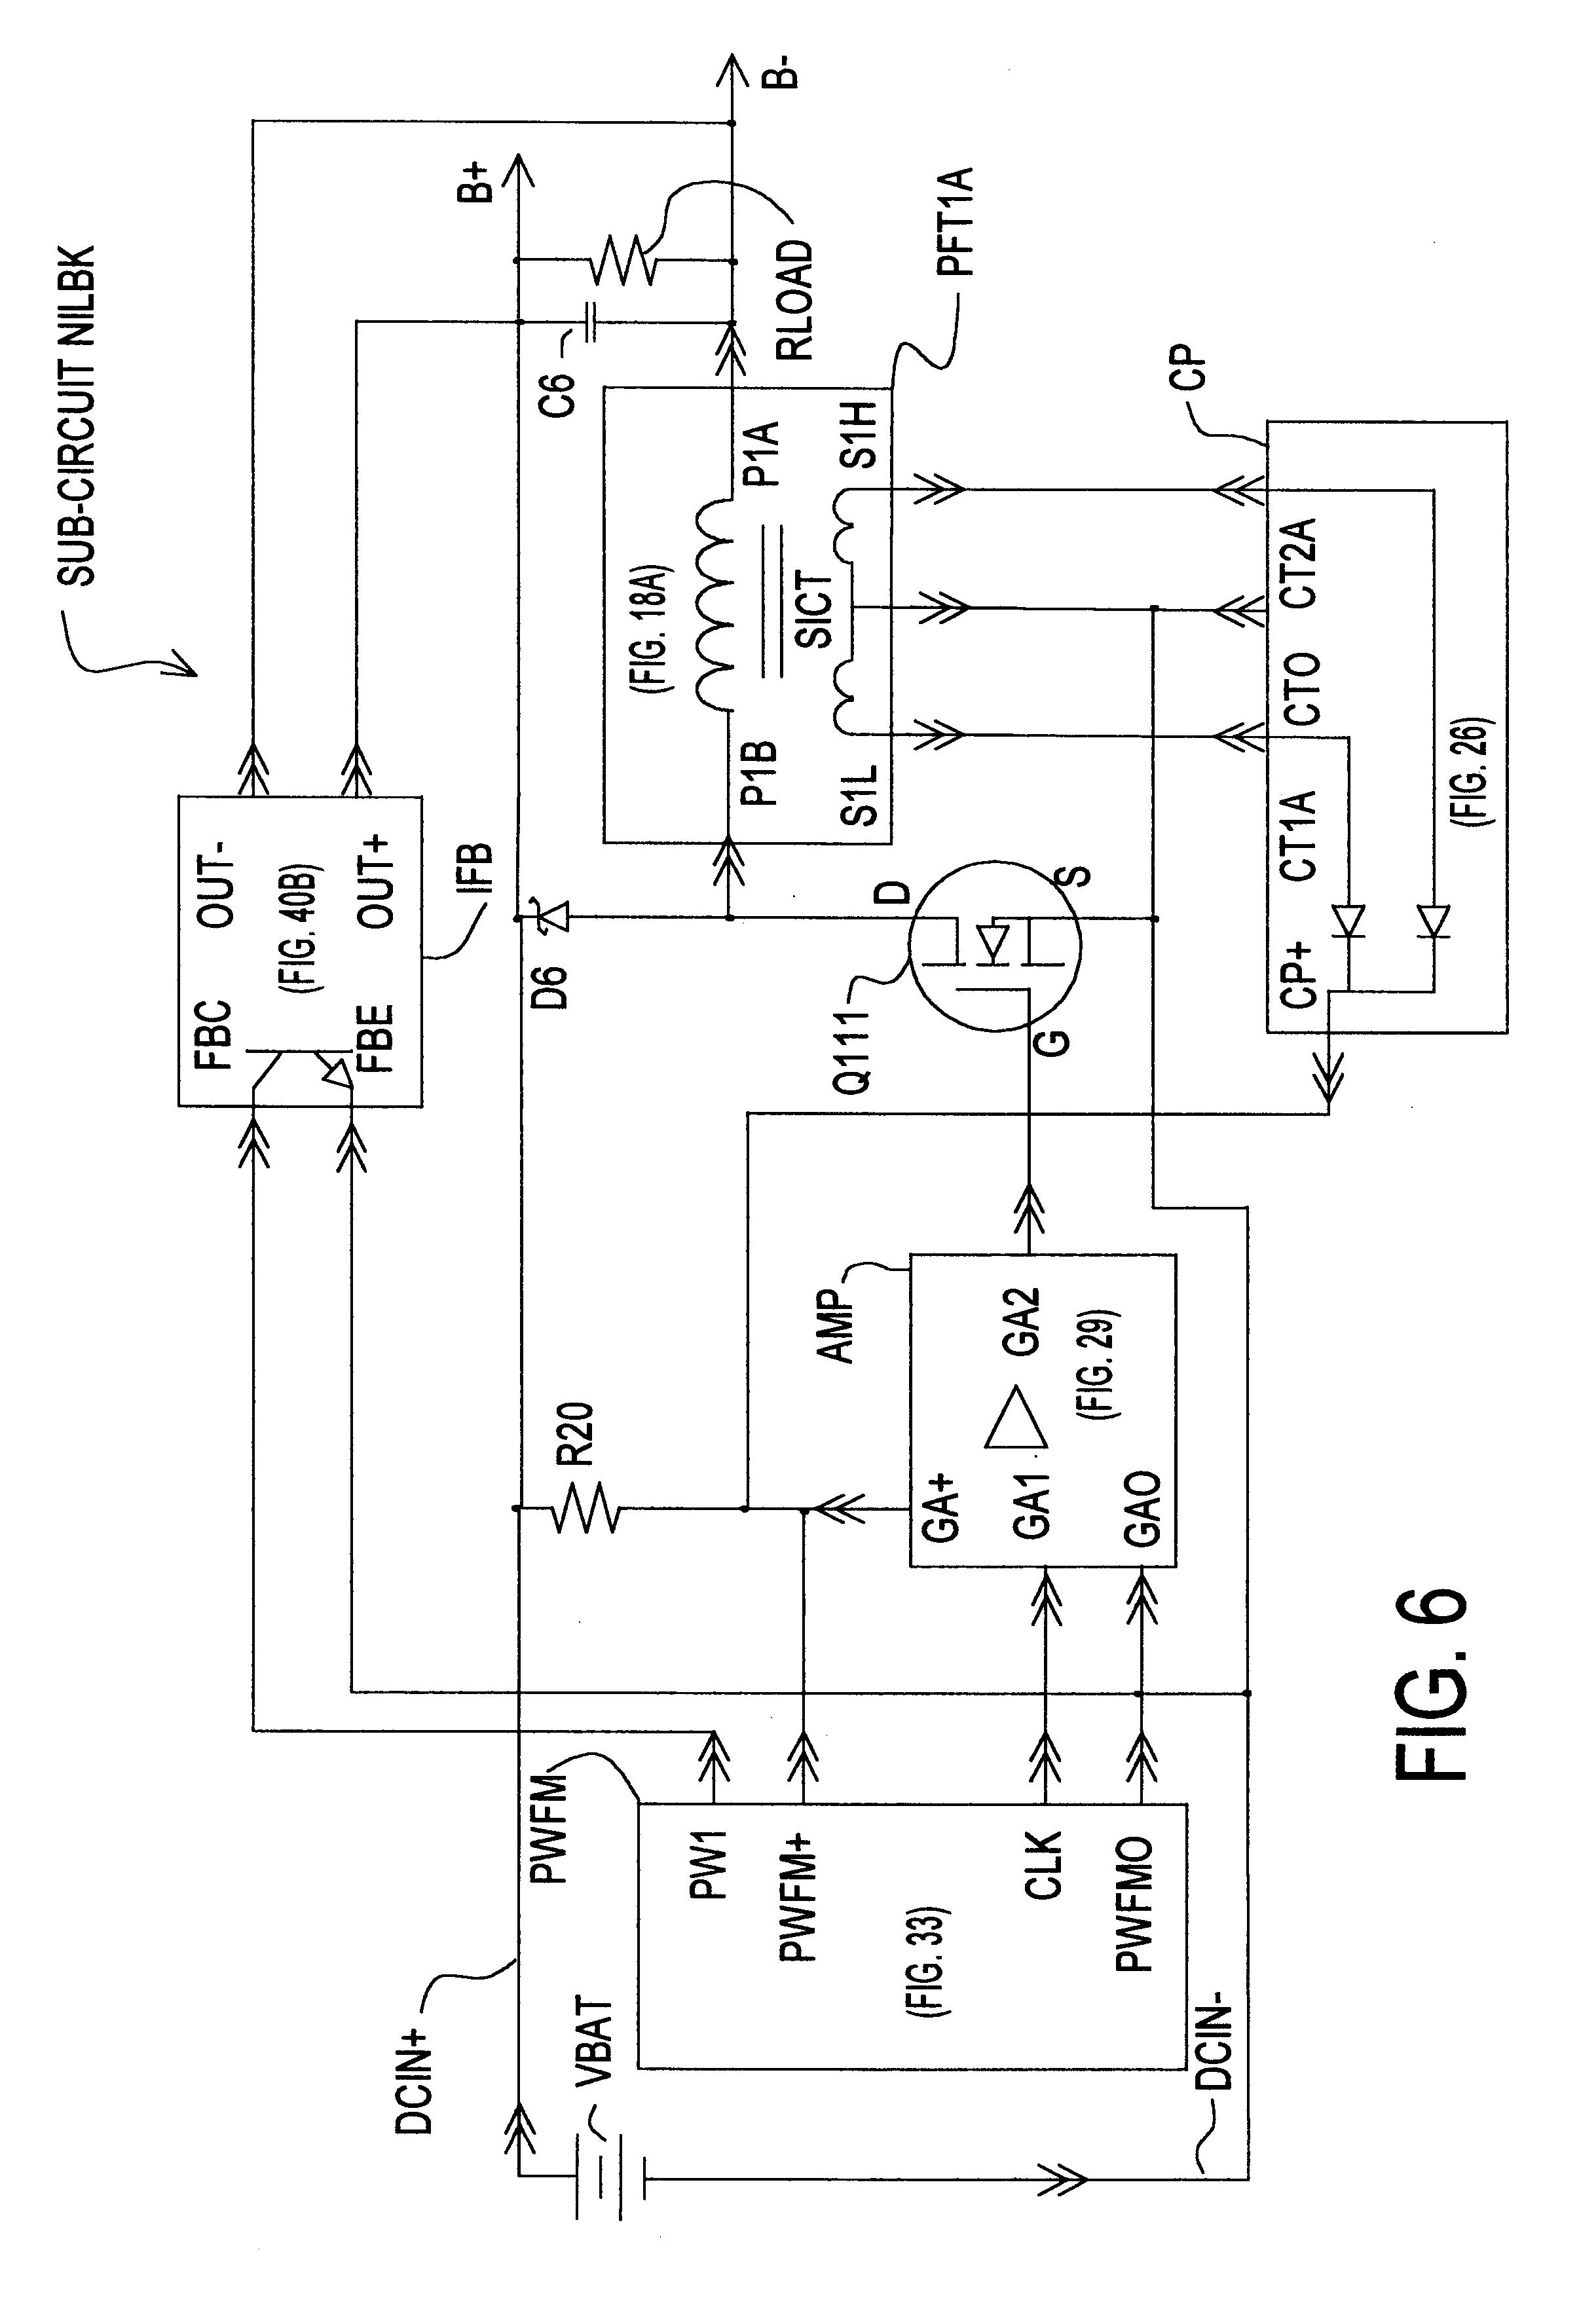 tekonsha p3 wiring diagram voyager baldor 5hp single phase motor ford f250